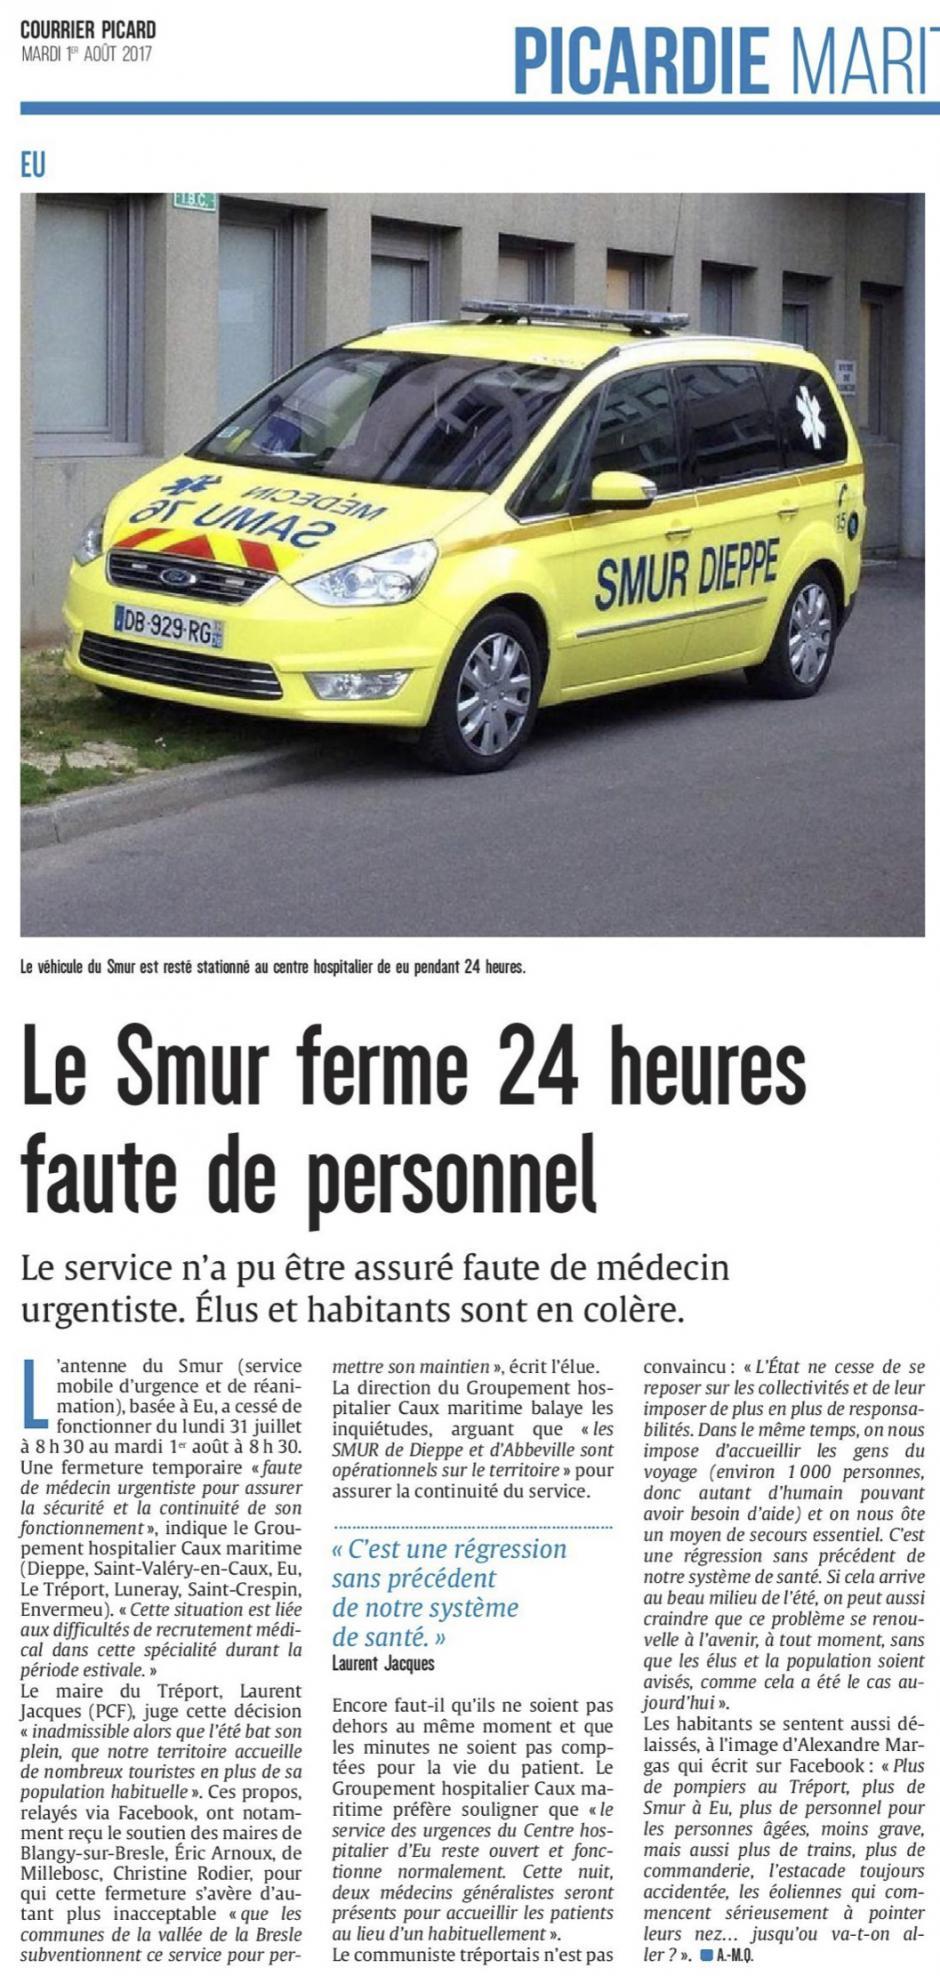 20170801-CP-Eu-Le Smur ferme 24 h faute de personnel [édition Picardie maritime]